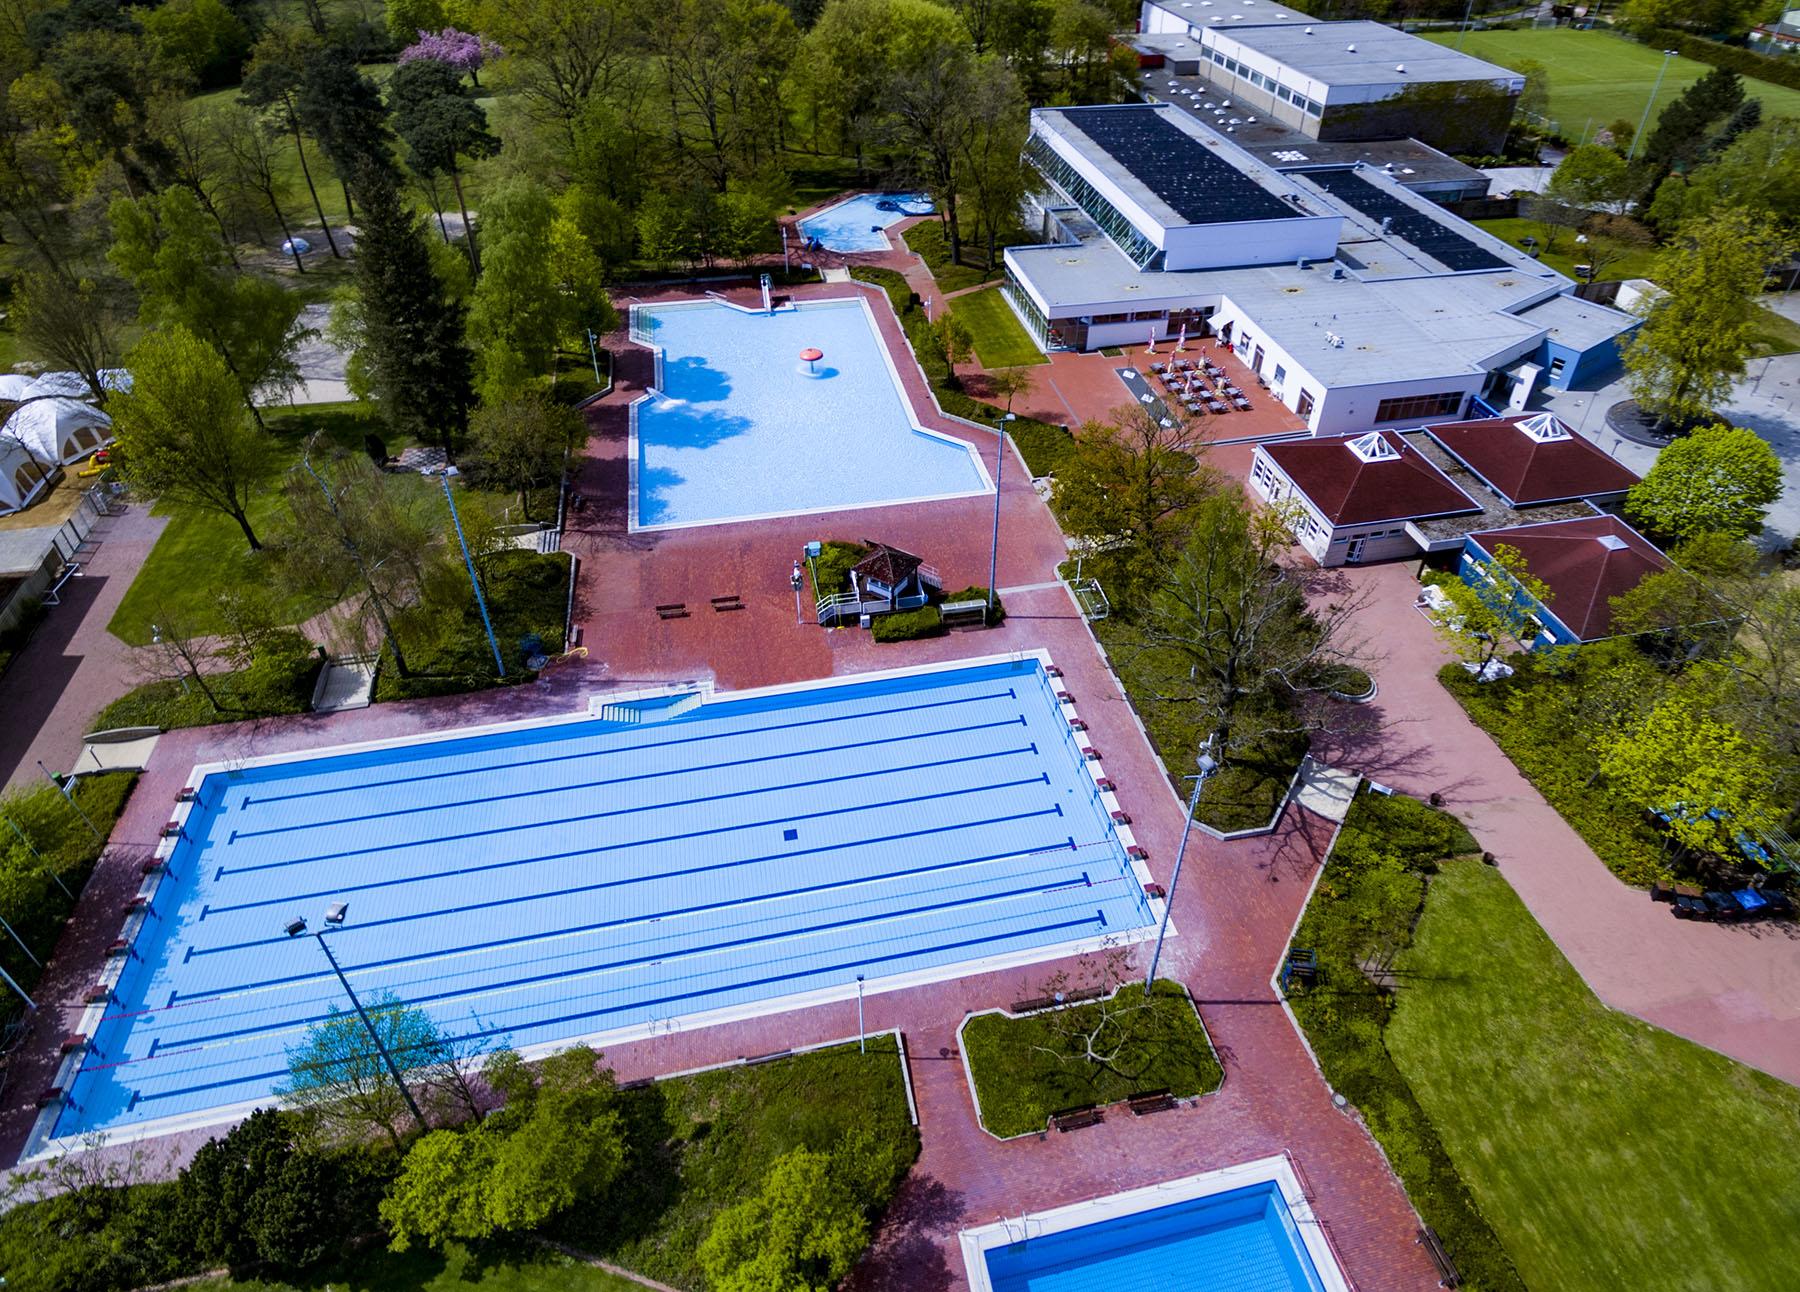 Neu Isenburg Schwimmbad öffnungszeiten